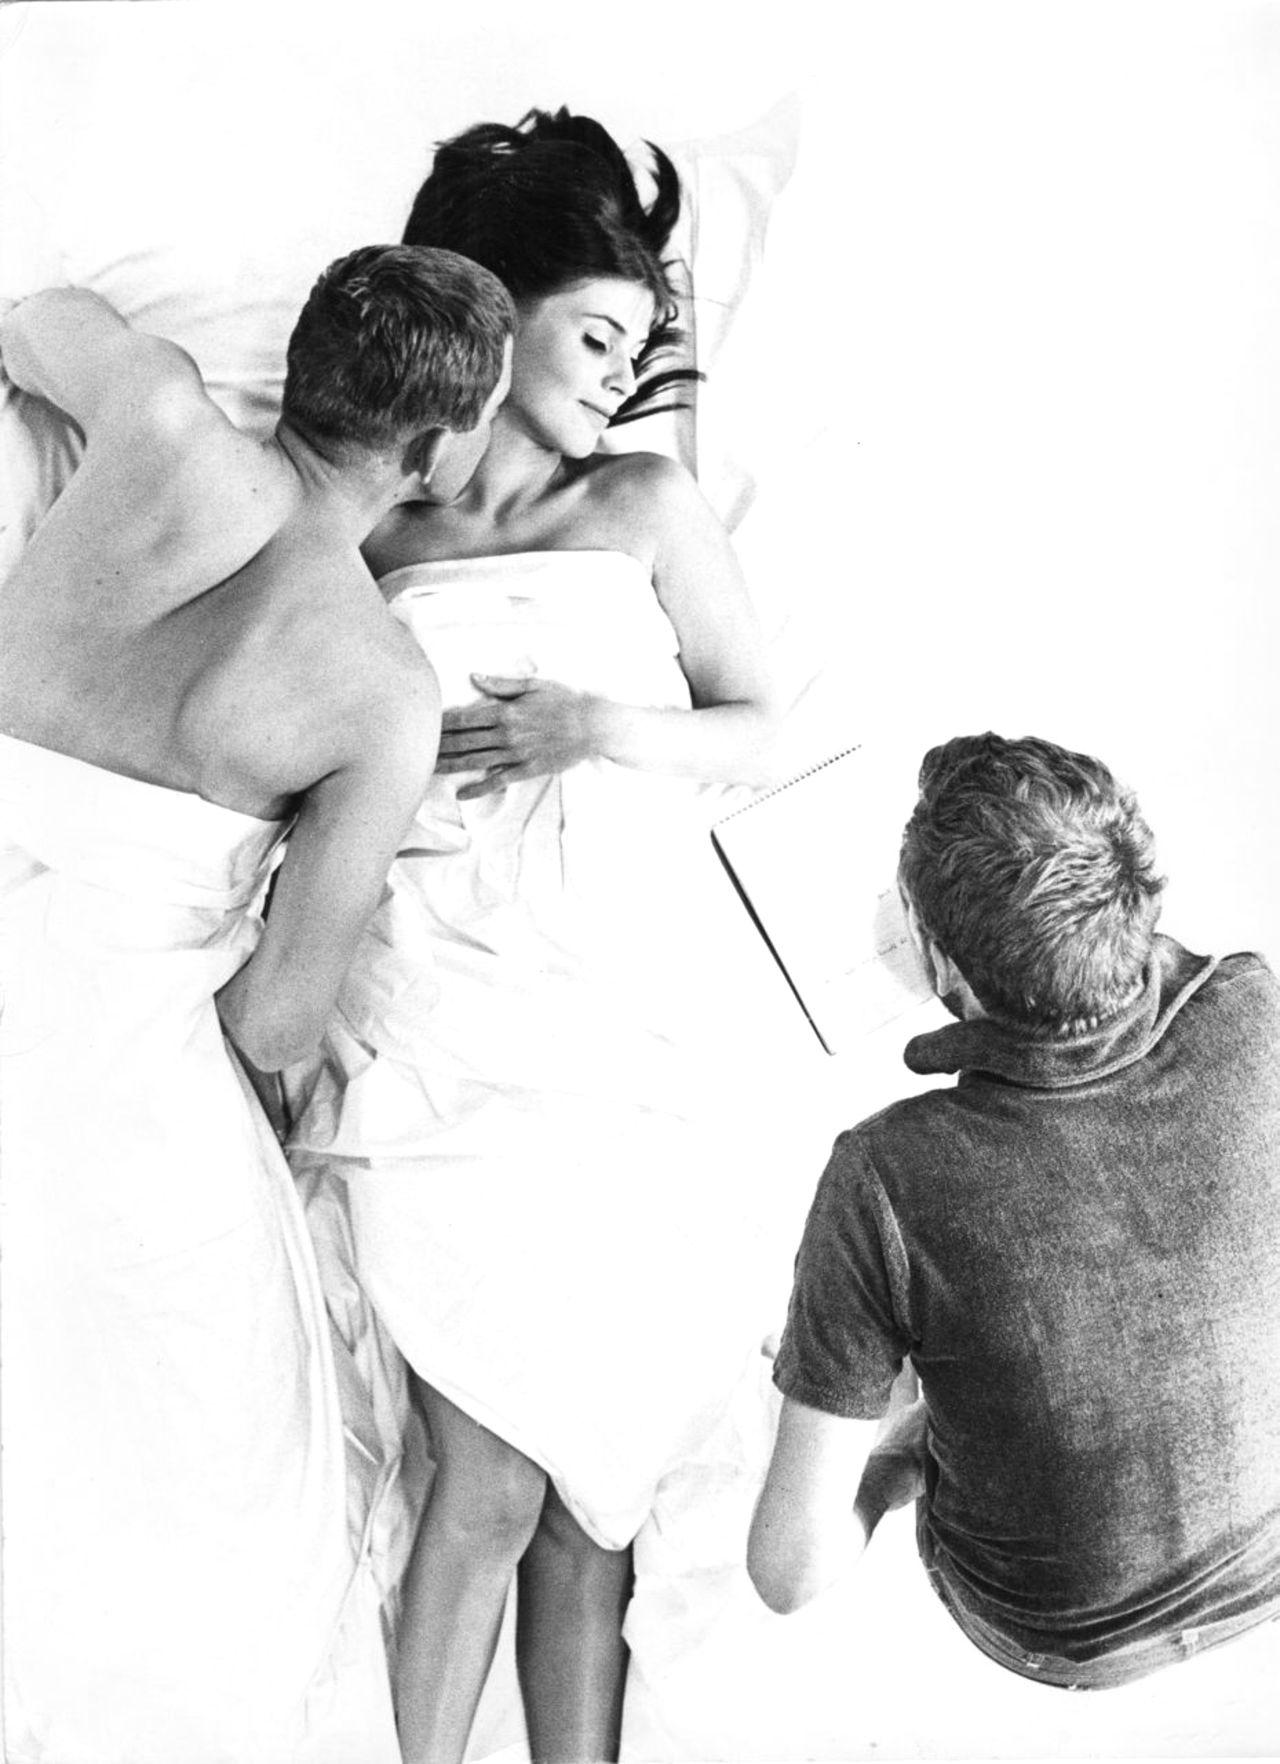 «Досконала людина», 1967. Фото: Вібеке Віндінг. Надано Датським інститутом кіно.